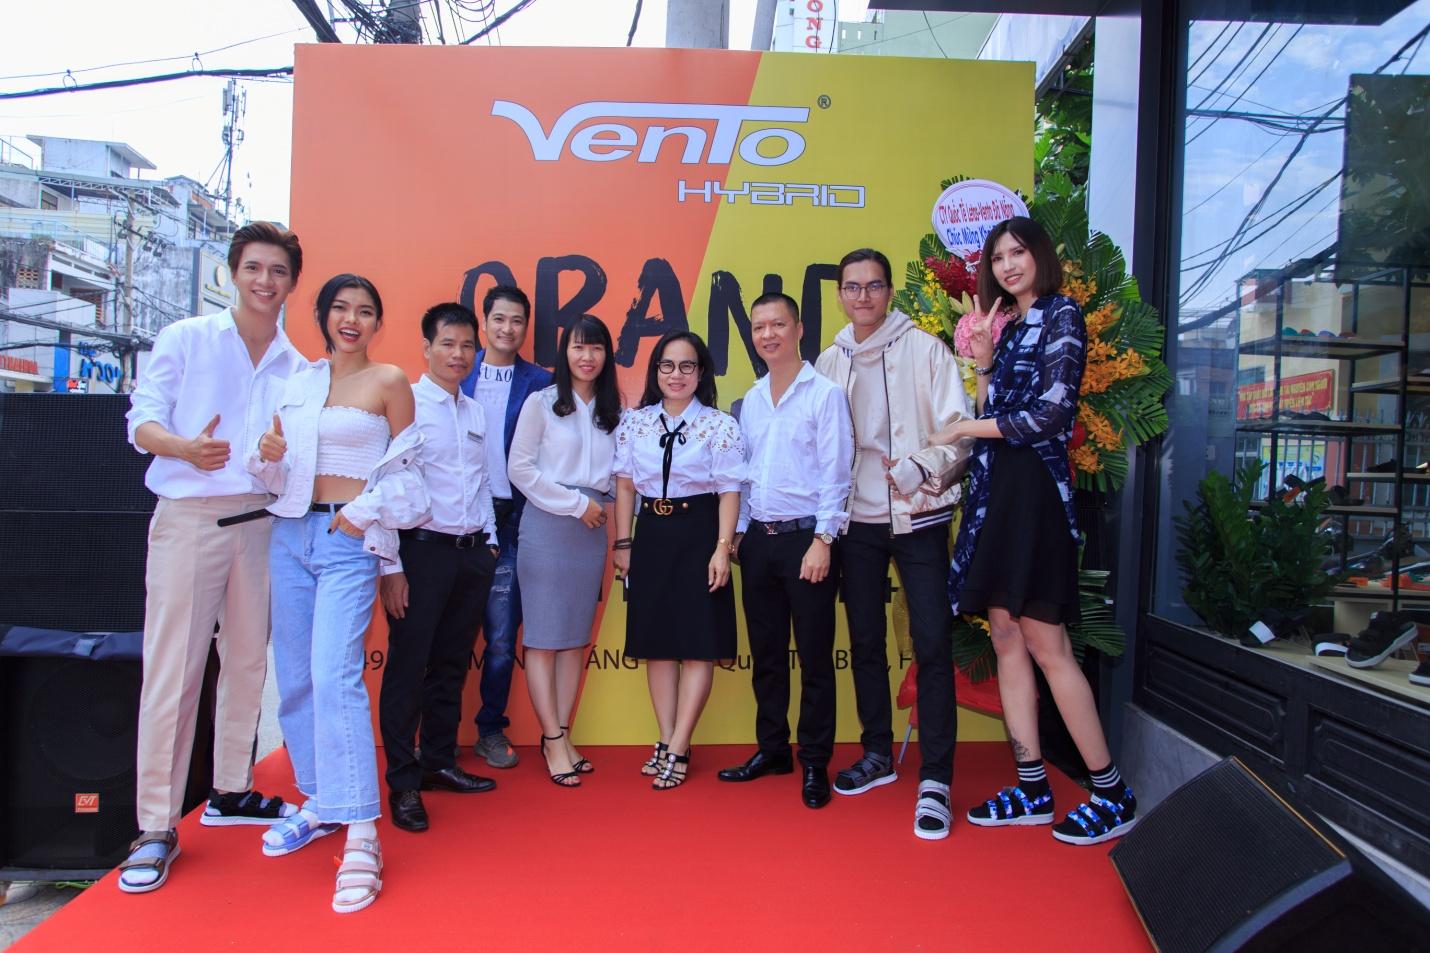 Không có người nổi tiếng làm đại diện, thương hiệu giày dép VENTO vẫn được giới trẻ săn lùng - Ảnh 6.